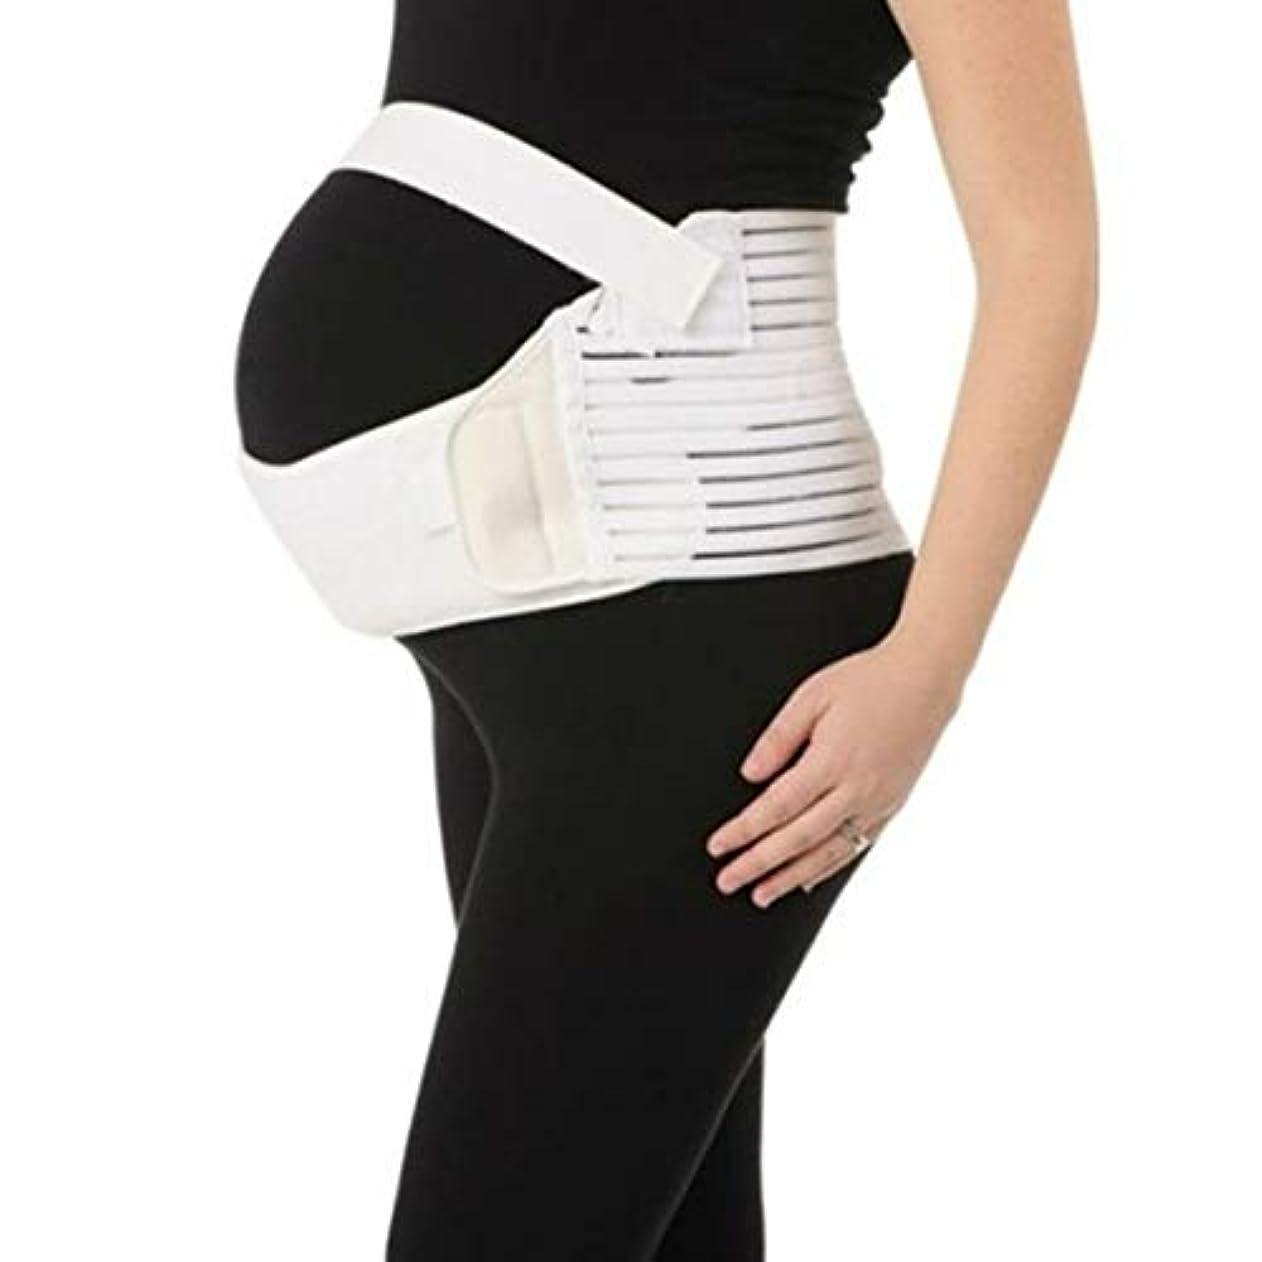 紳士気取りの、きざな常識行為通気性産科ベルト妊娠腹部サポート腹部バインダーガードル運動包帯産後の回復形状ウェア - ホワイトM